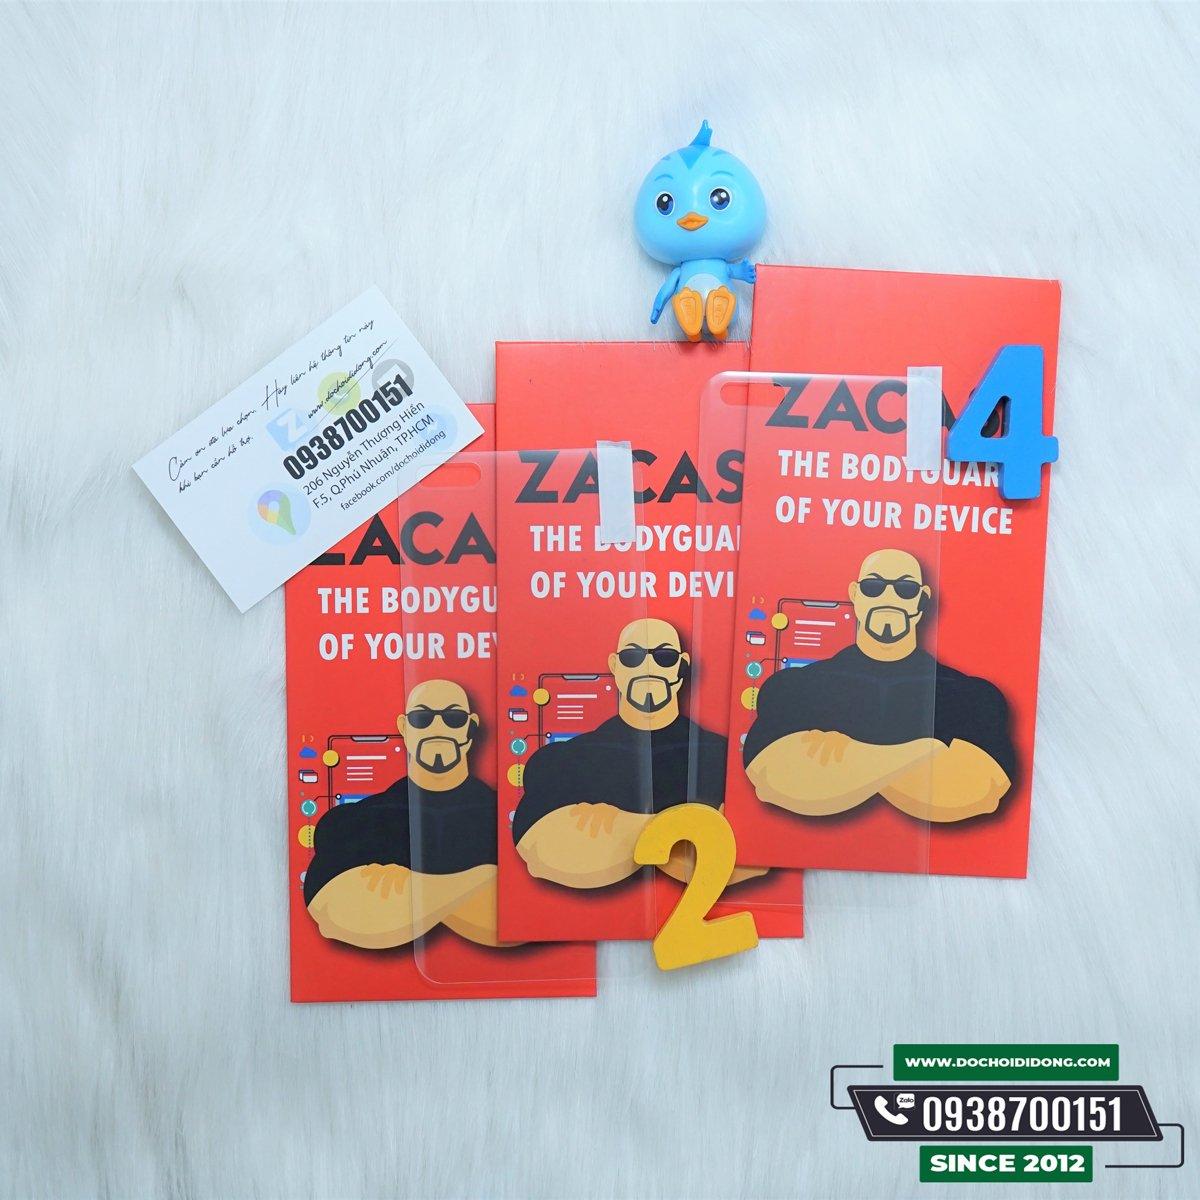 mieng-dan-cuong-luc-nham-huawei-p40-pro-uv-zacase-chong-van-tay